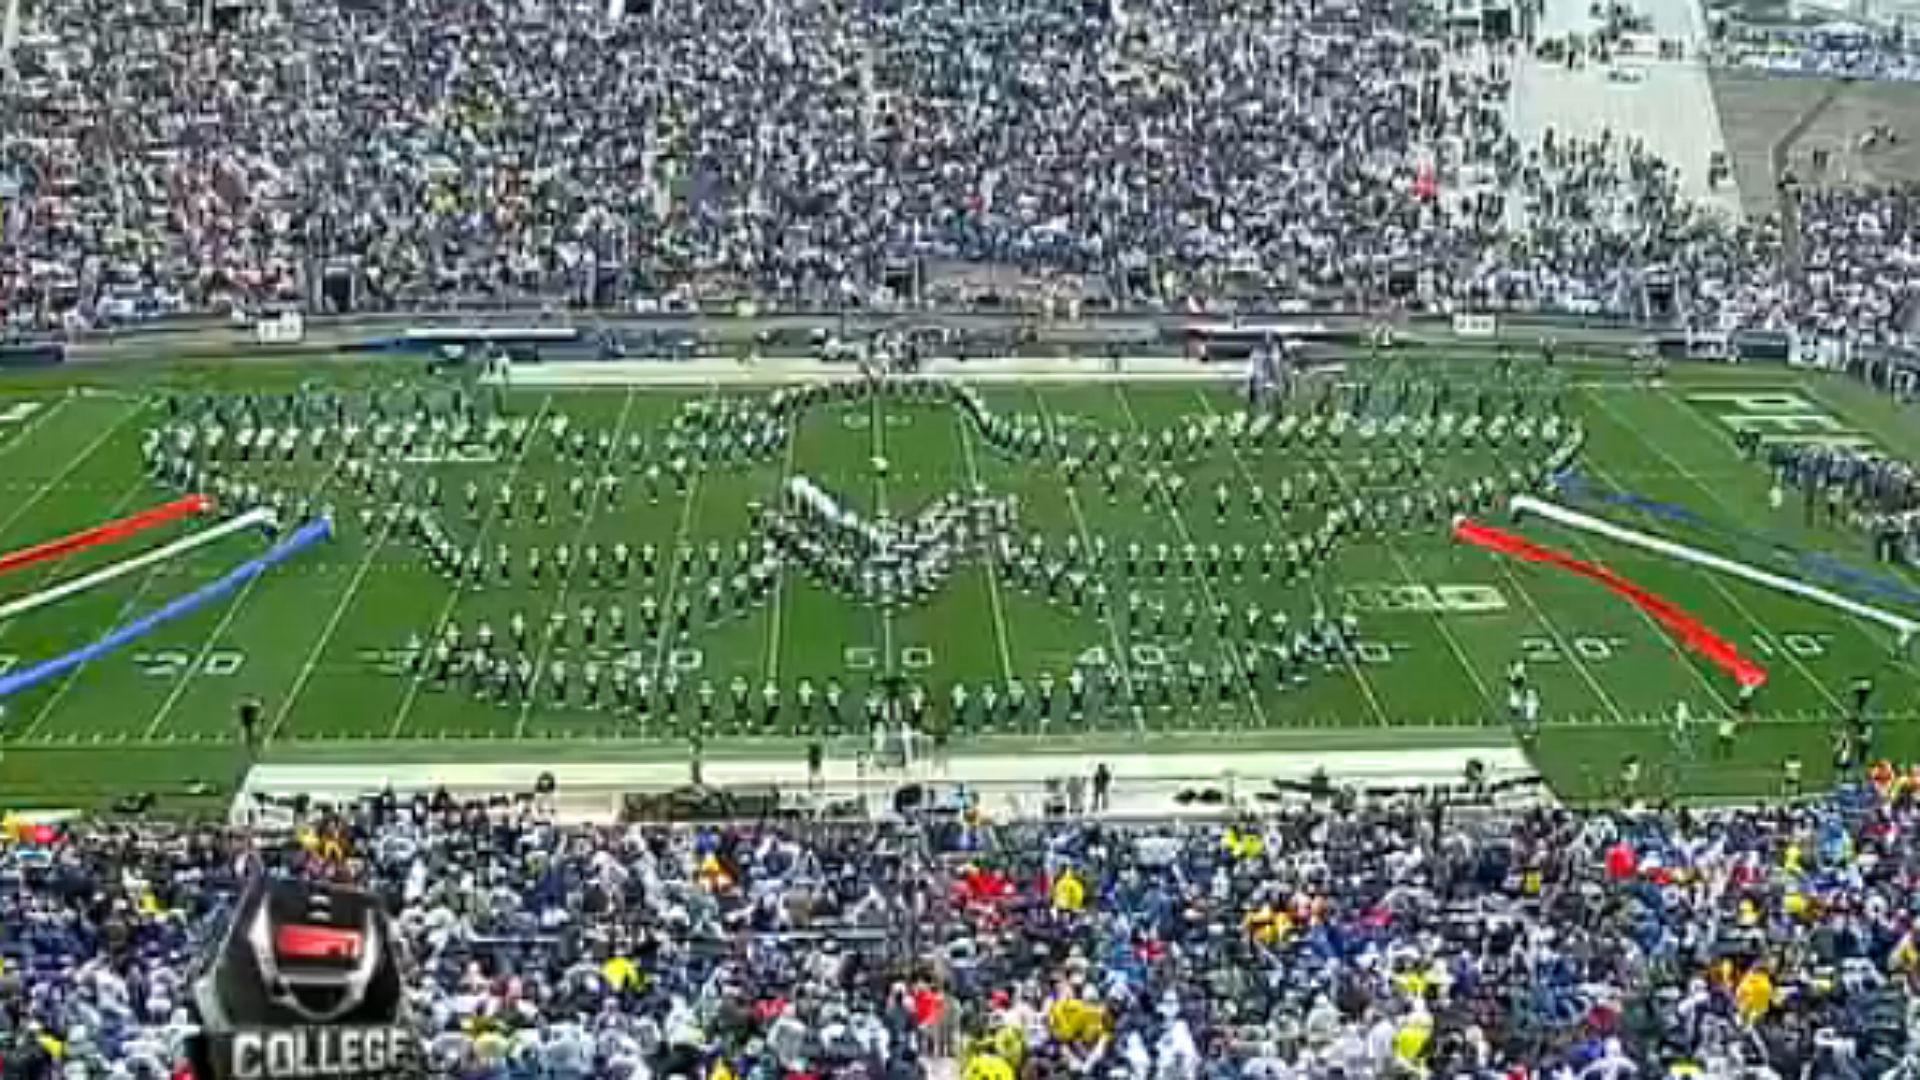 Penn State blue band-100315-twitter-ftr.jpg